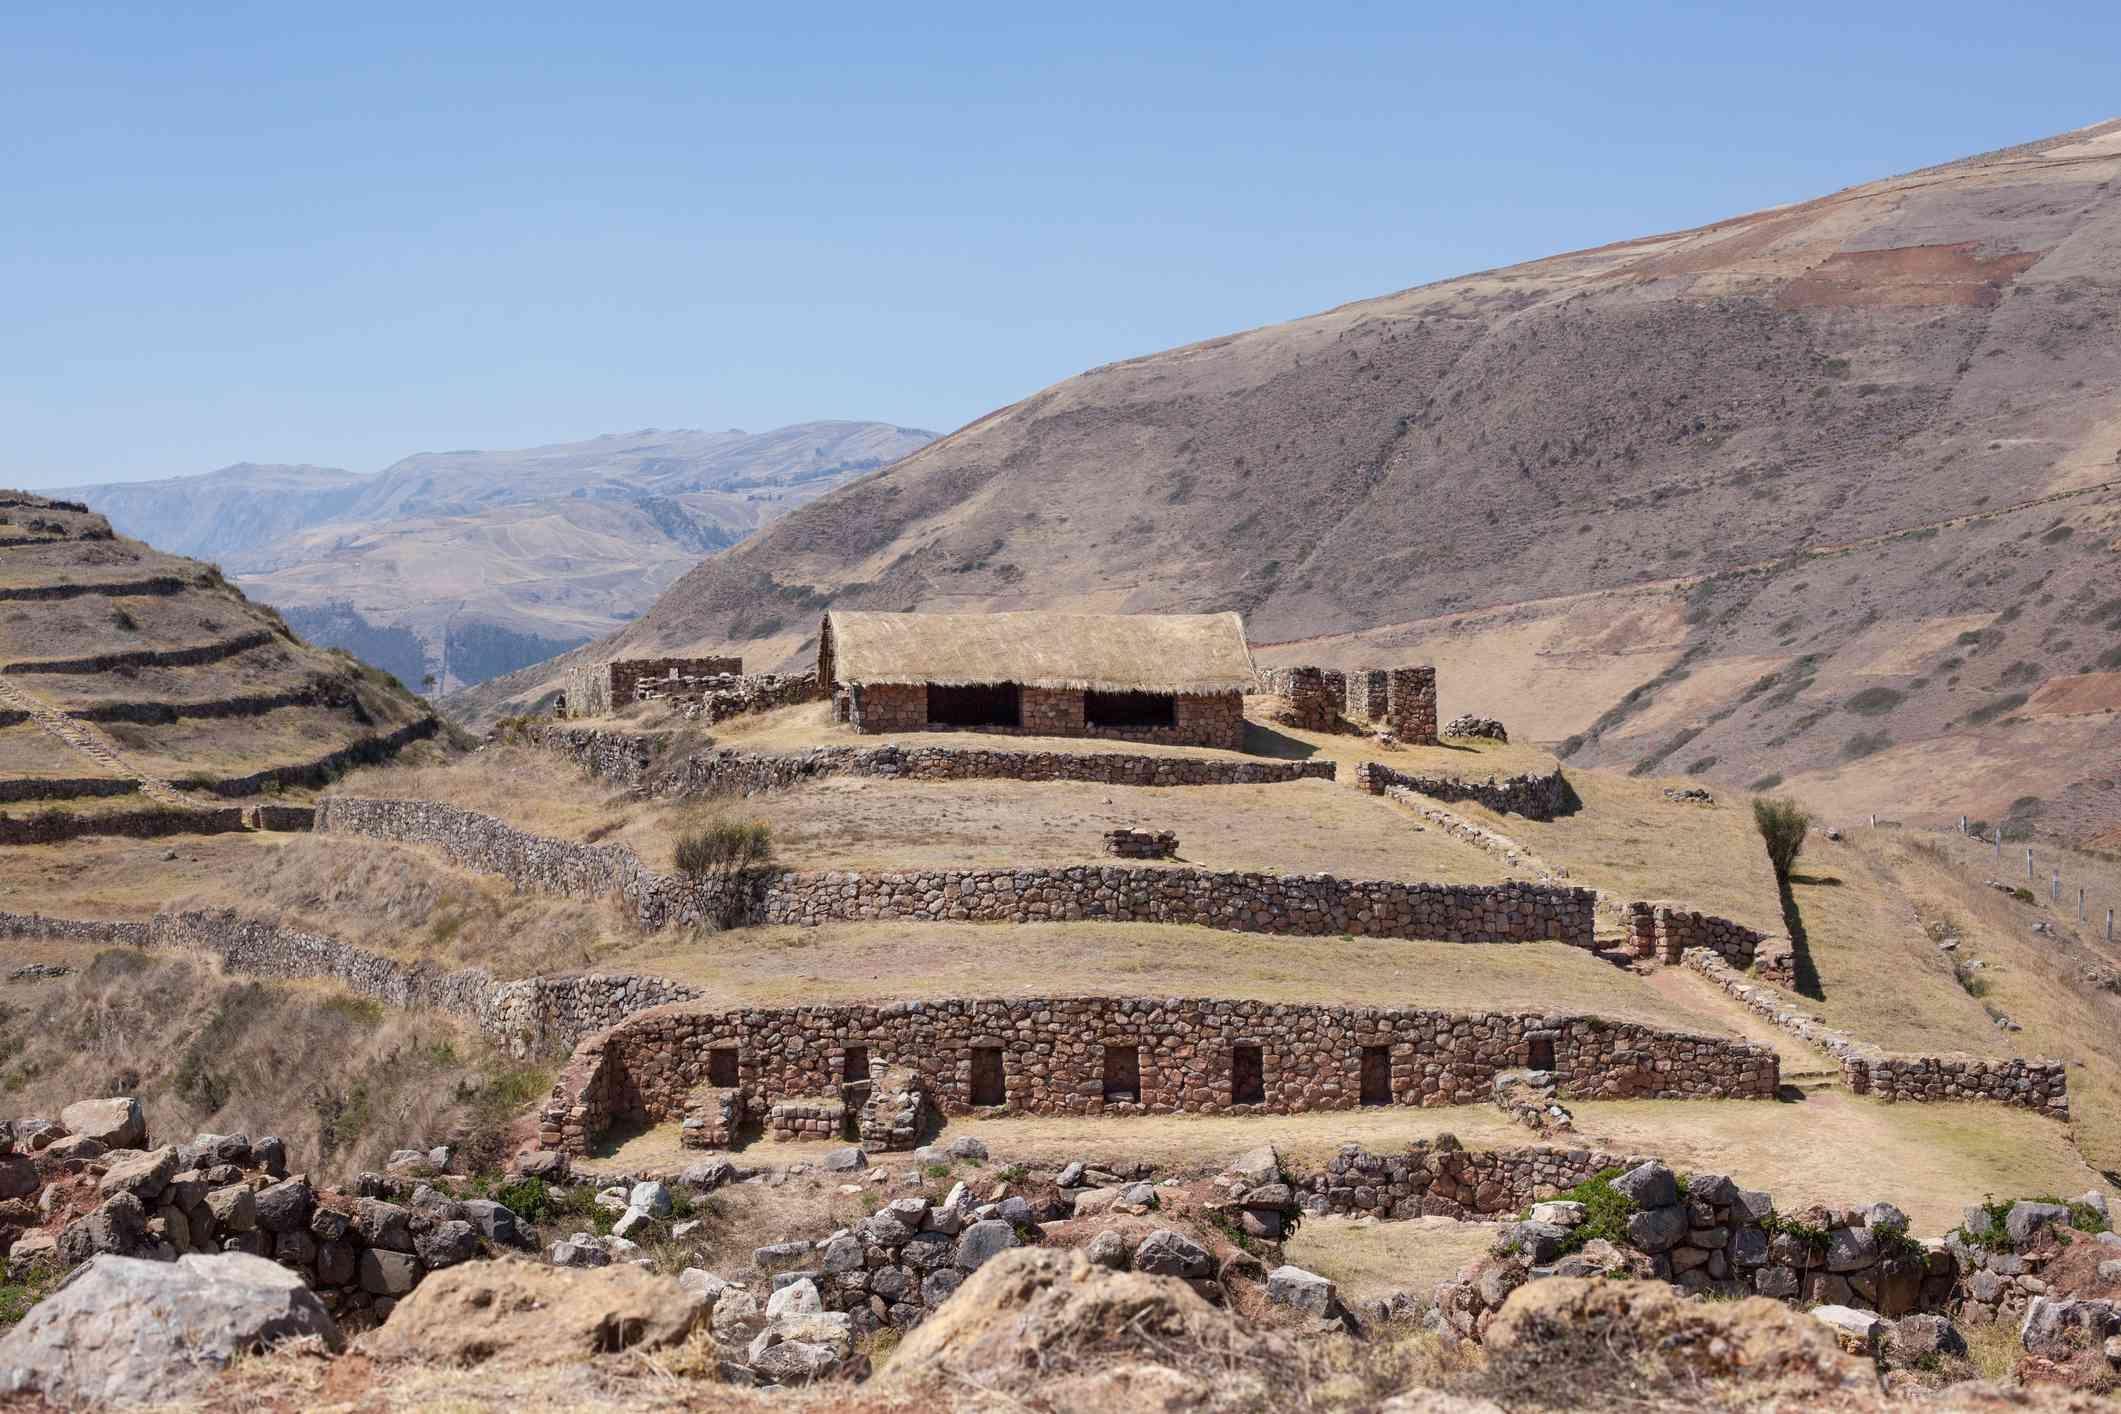 Sondor Archaeological Site in Andahuaylas